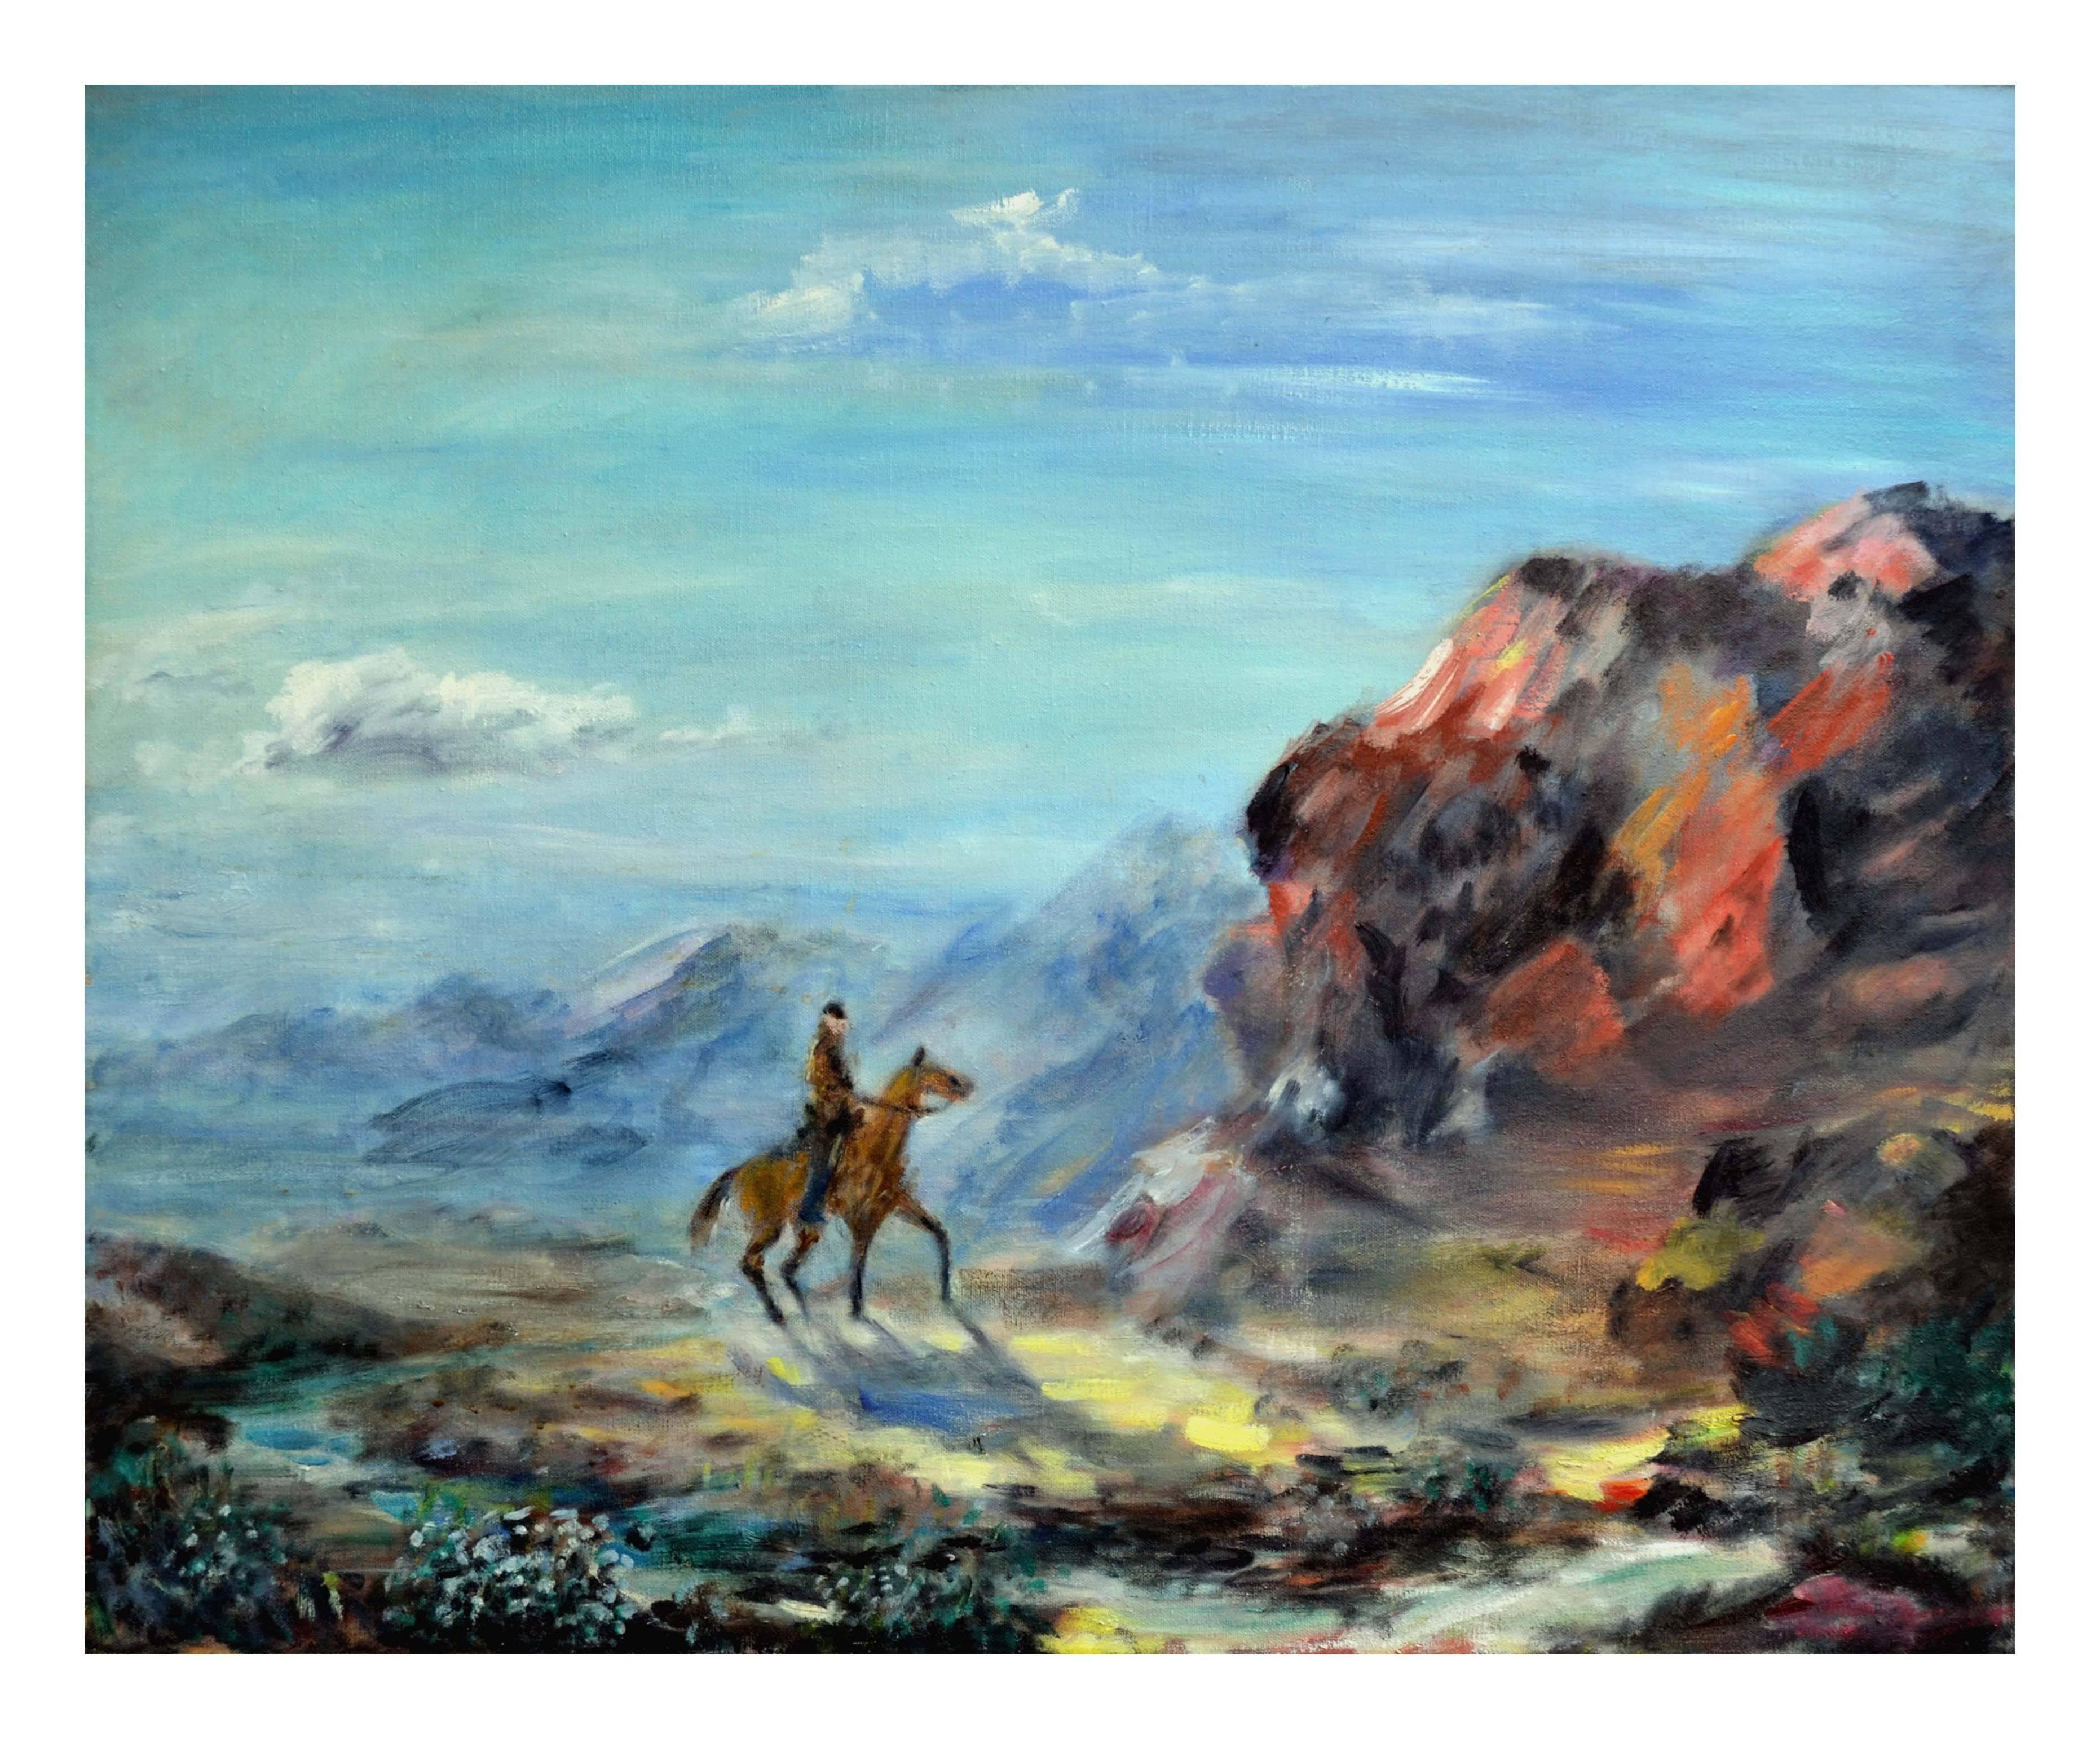 The Lone Navajo Horseman